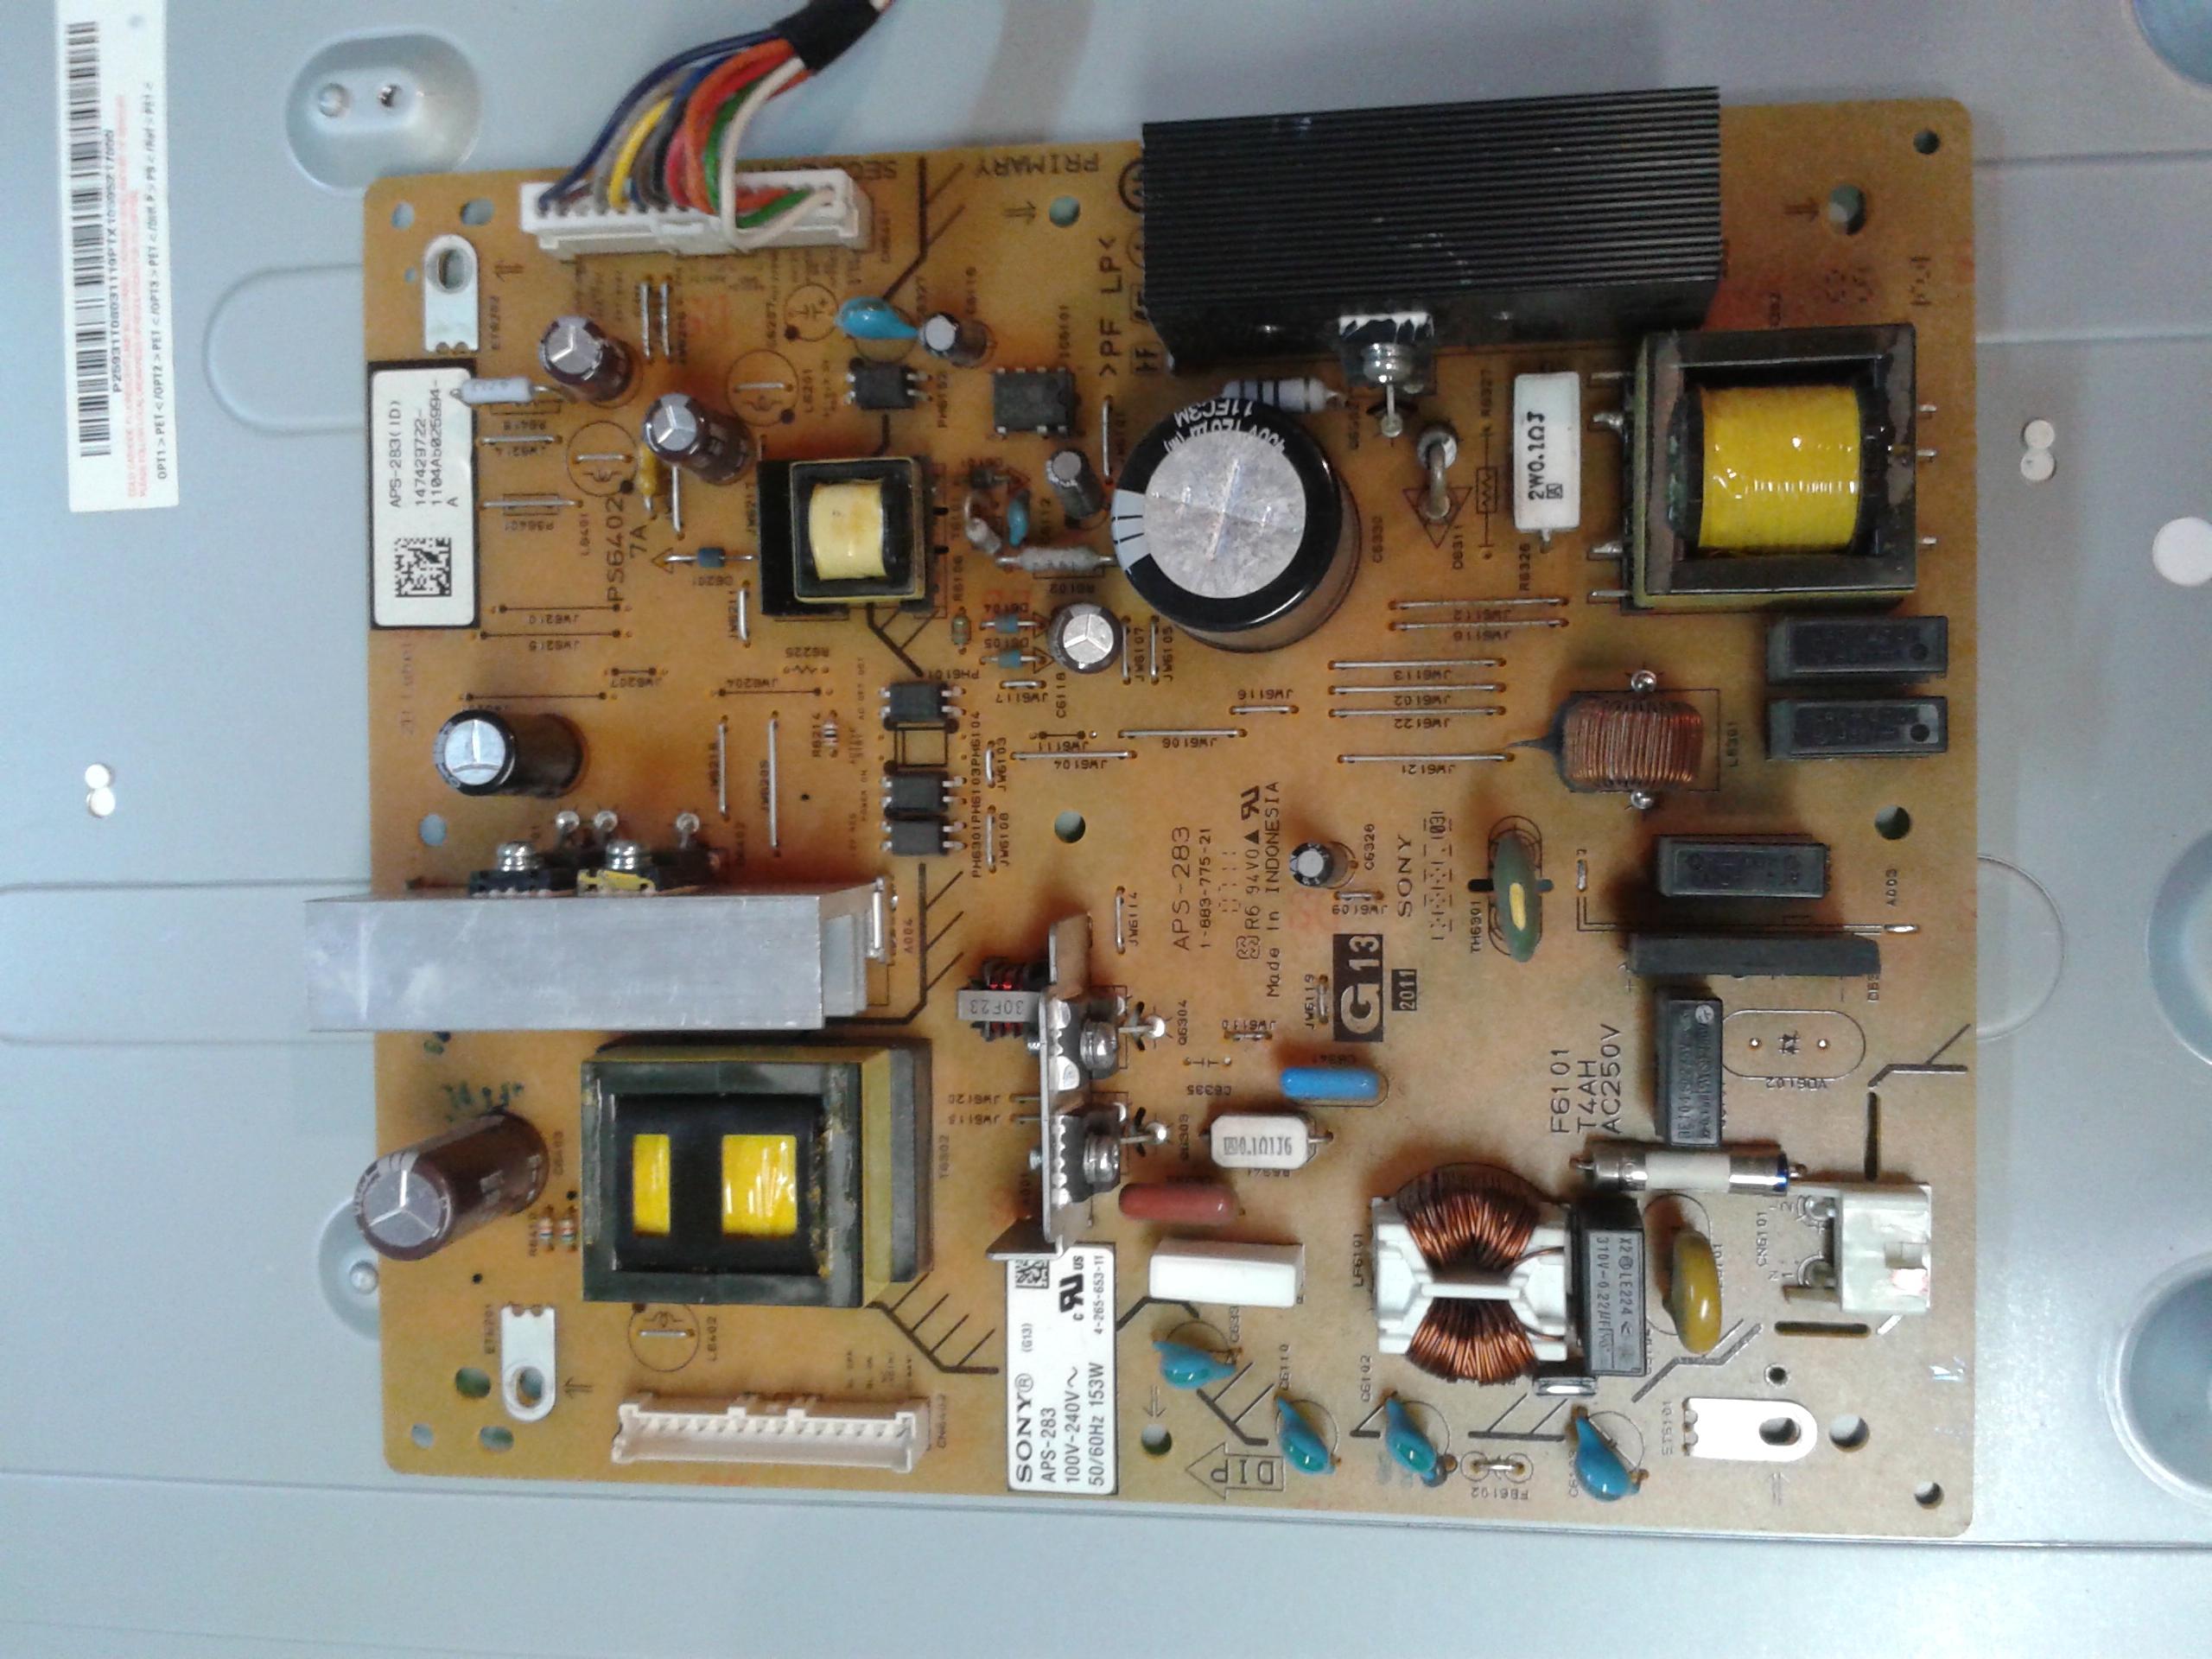 [Sprzedam] Zasilacz APS-283, inverter T731041.00 Sony Bravia KDL-32BX320